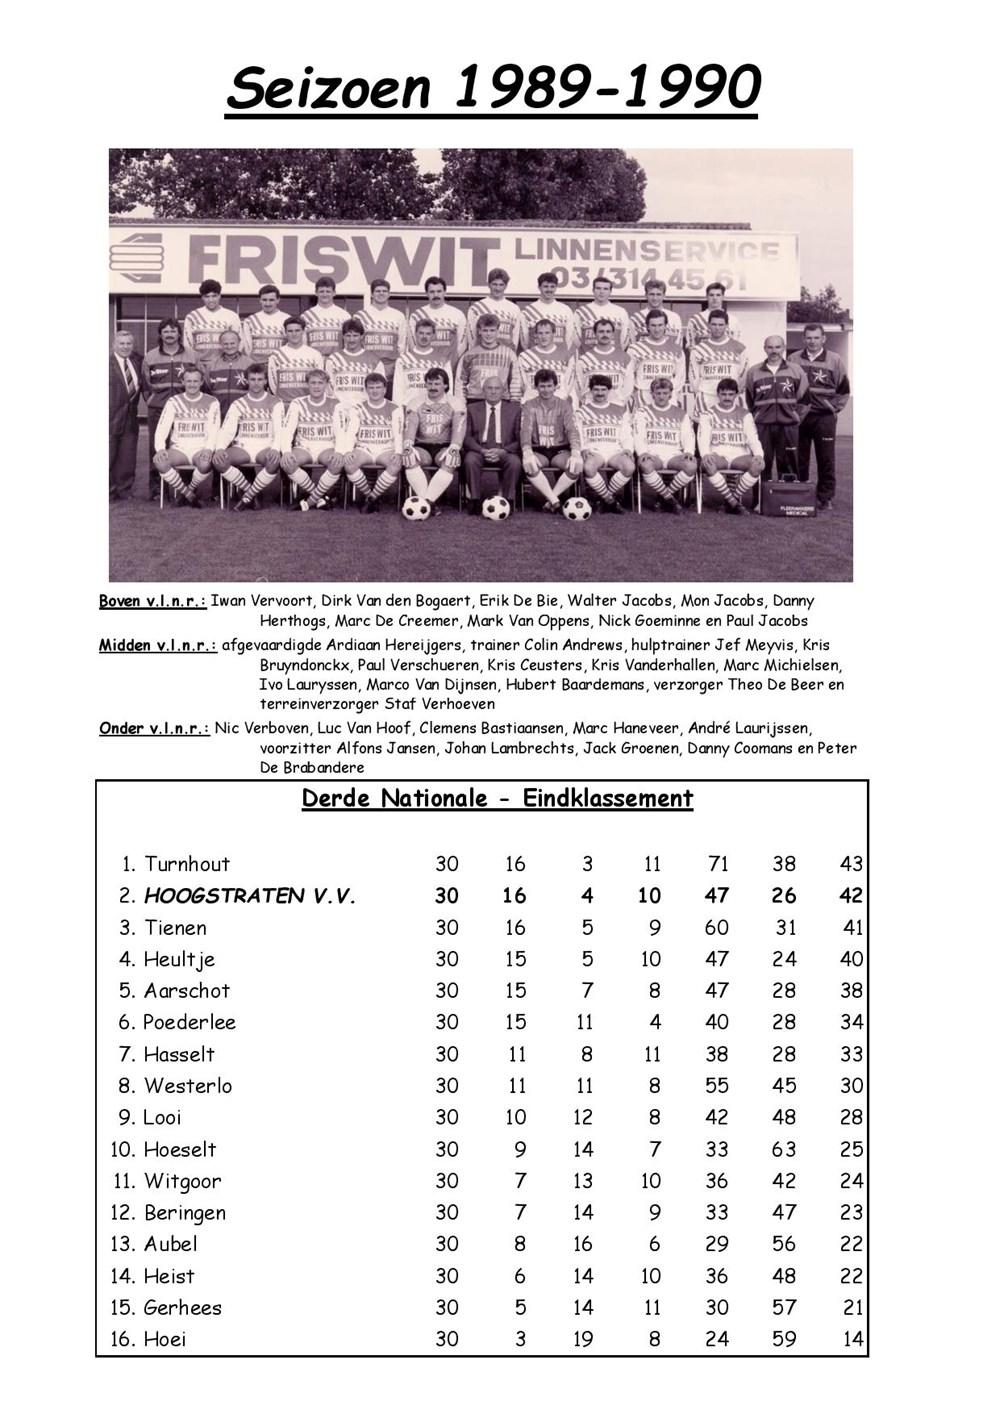 seizoen_1989-1990-page-001.jpg